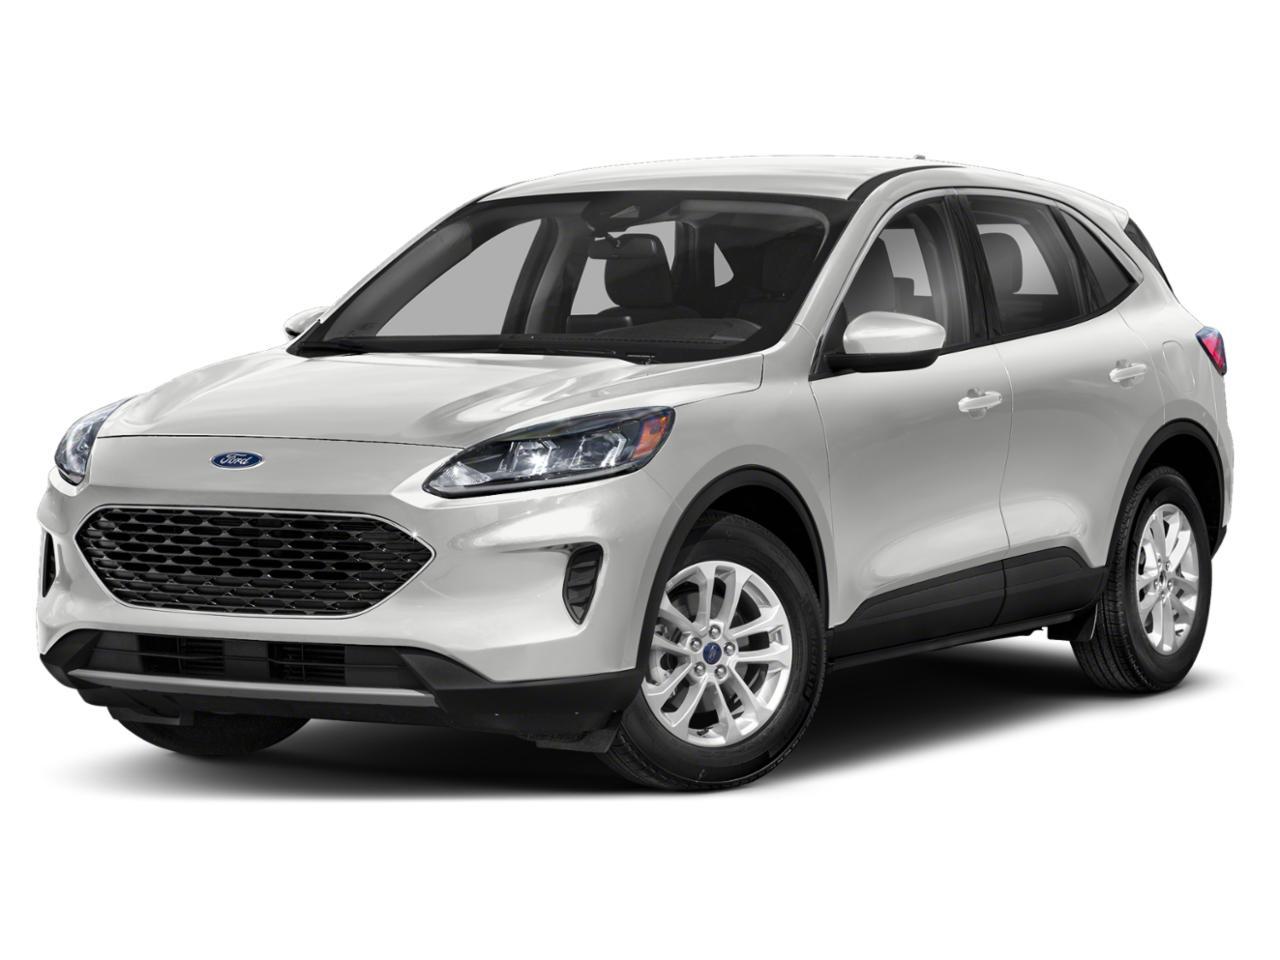 Oxford White 2020 Ford Escape S SUV Winston-Salem NC